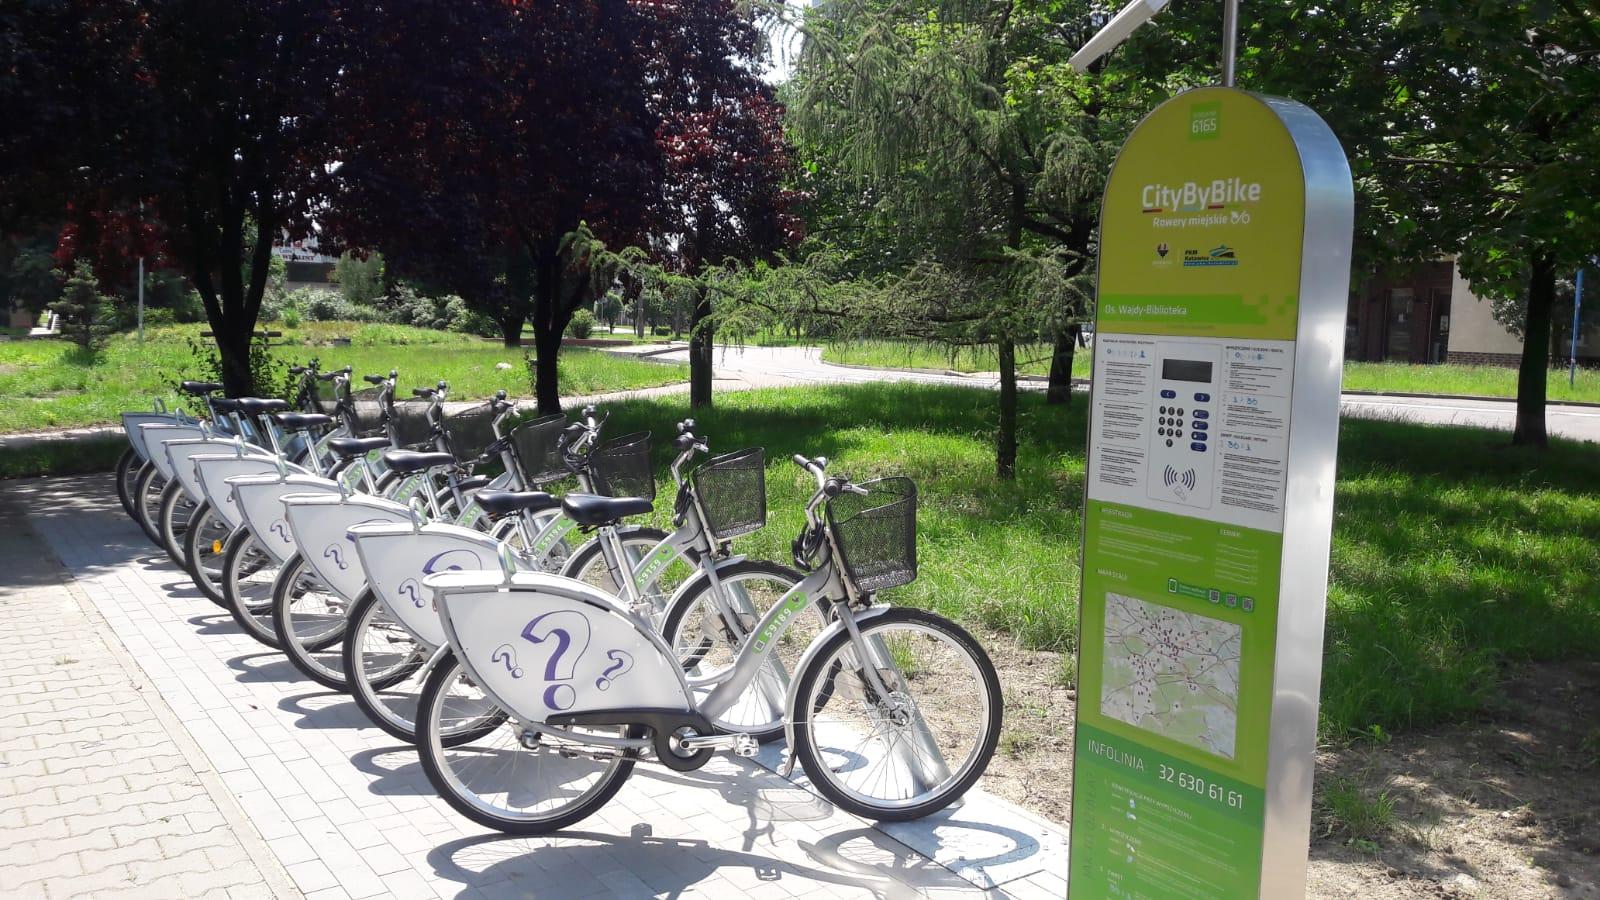 Dzień bez samochodu na City by bike: pierwsza godzina za darmo